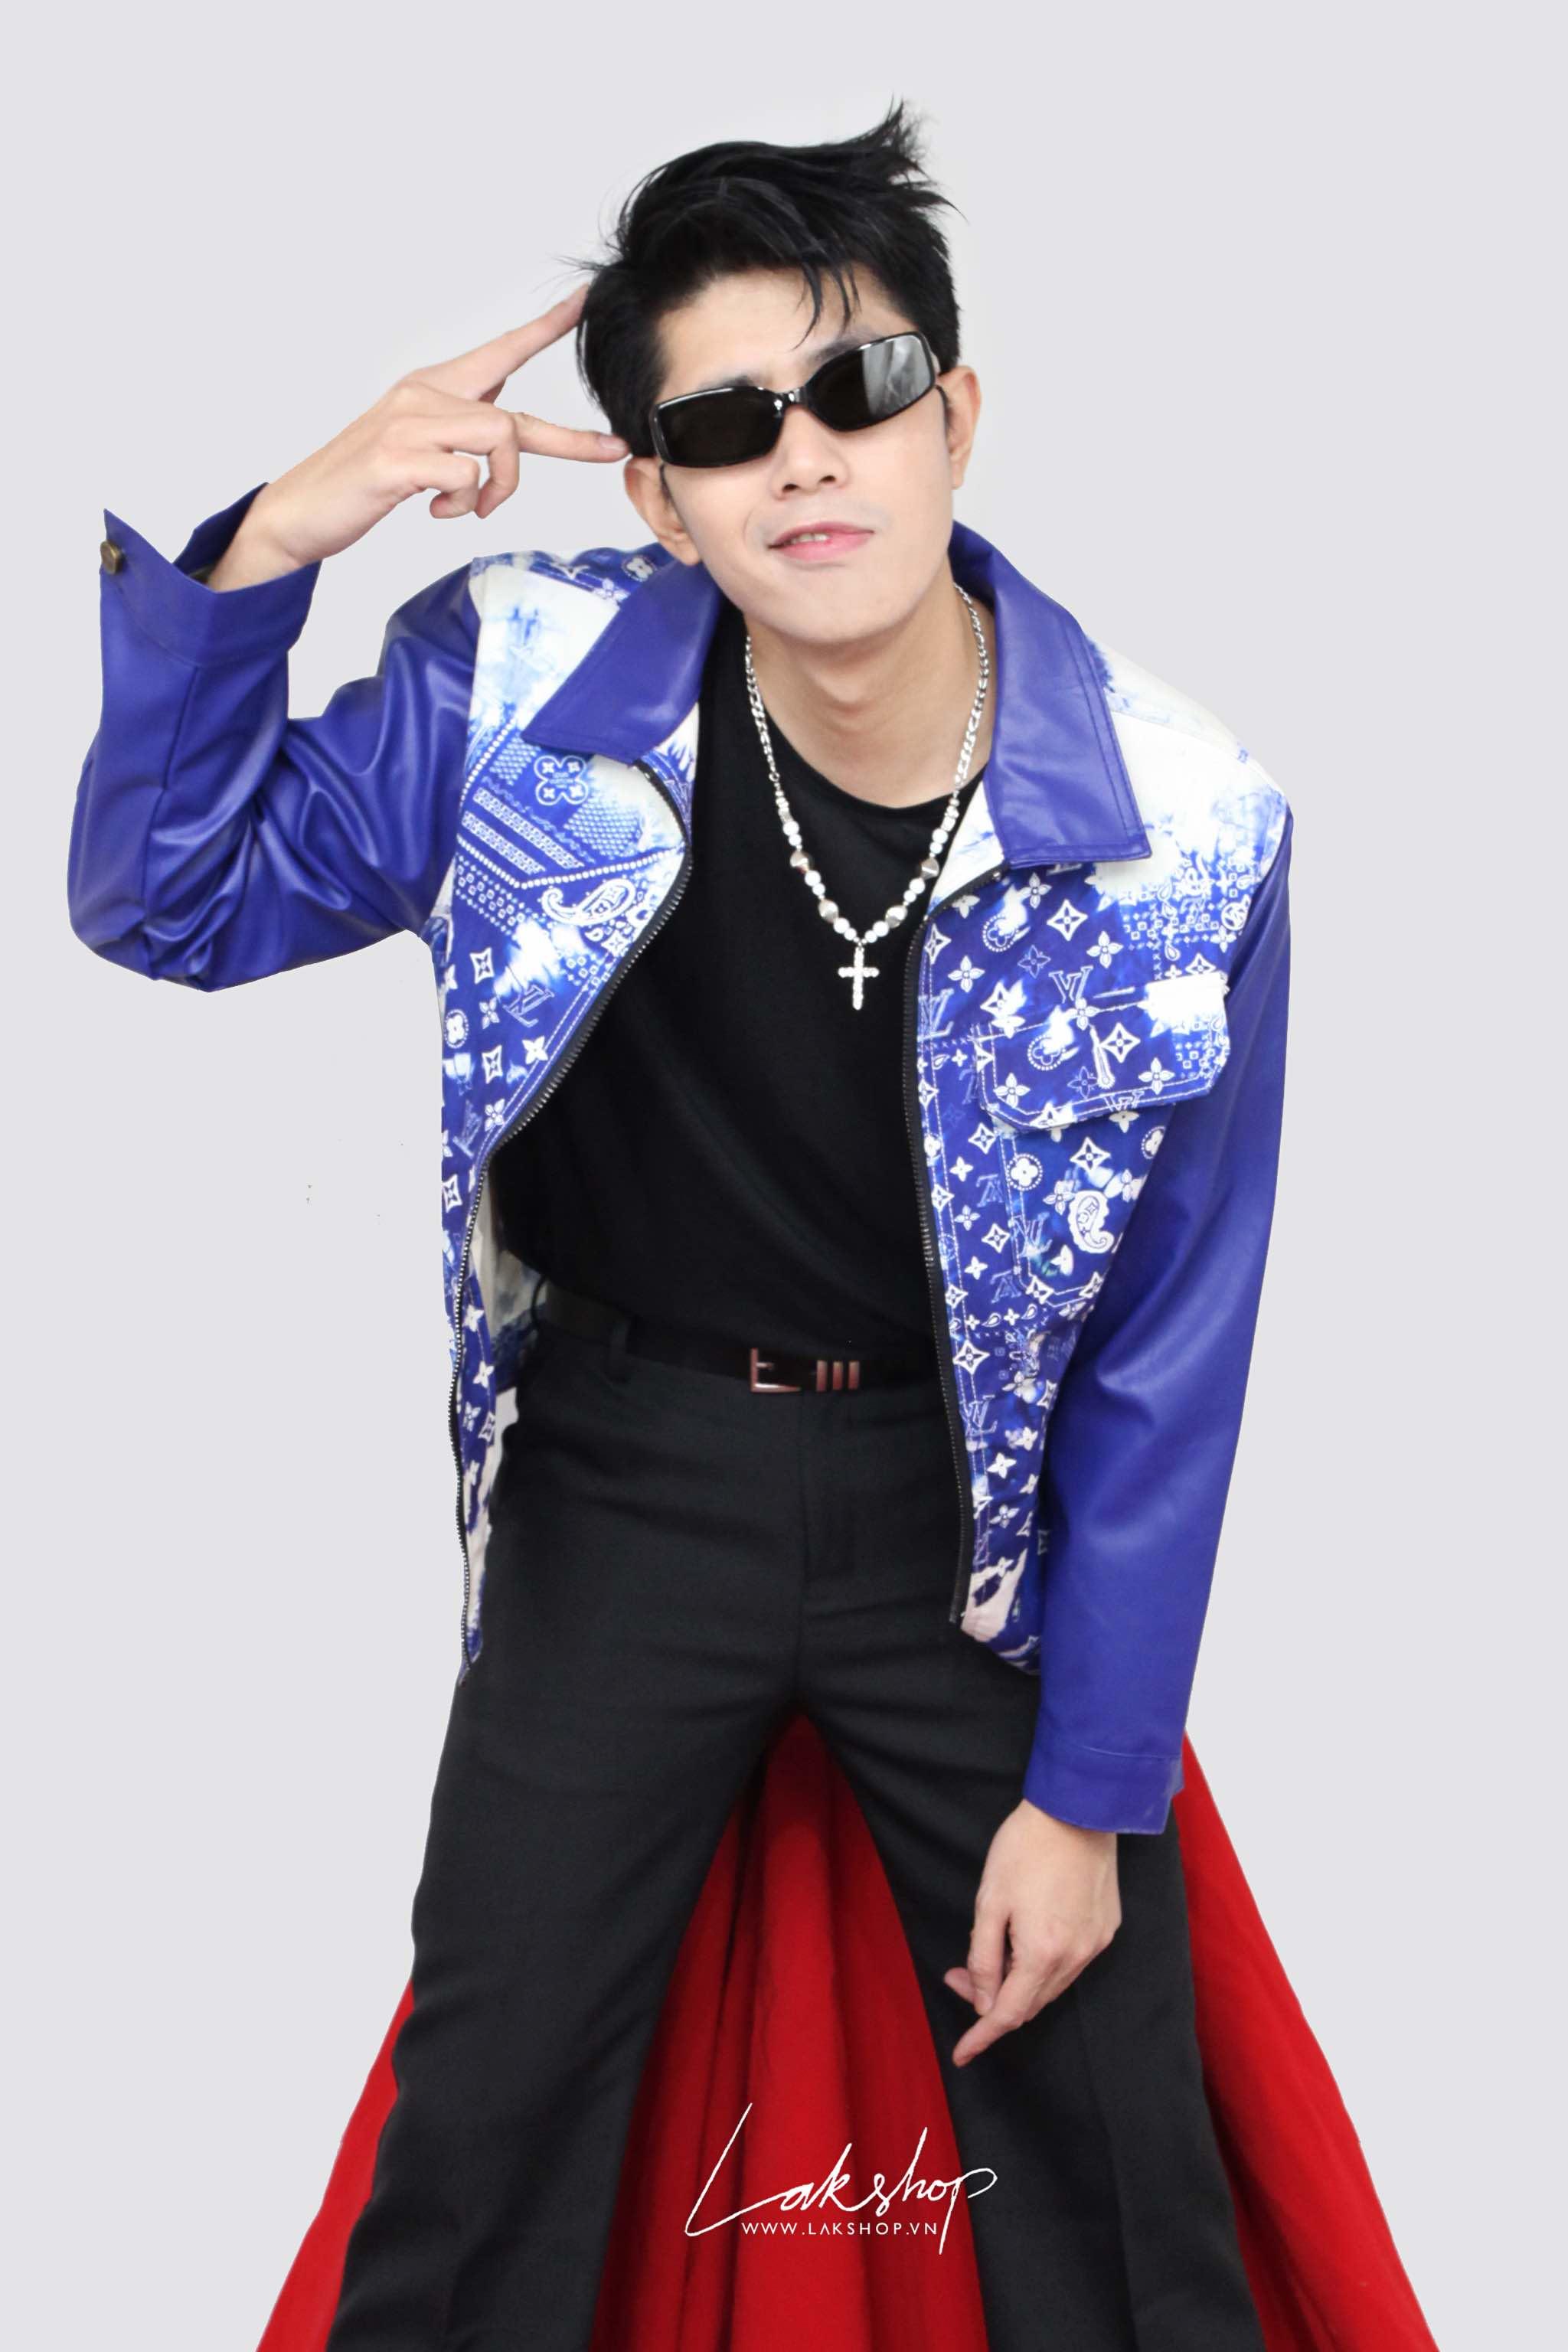 Louis Vuitton 3D Equipe Oversized Shirt cv1